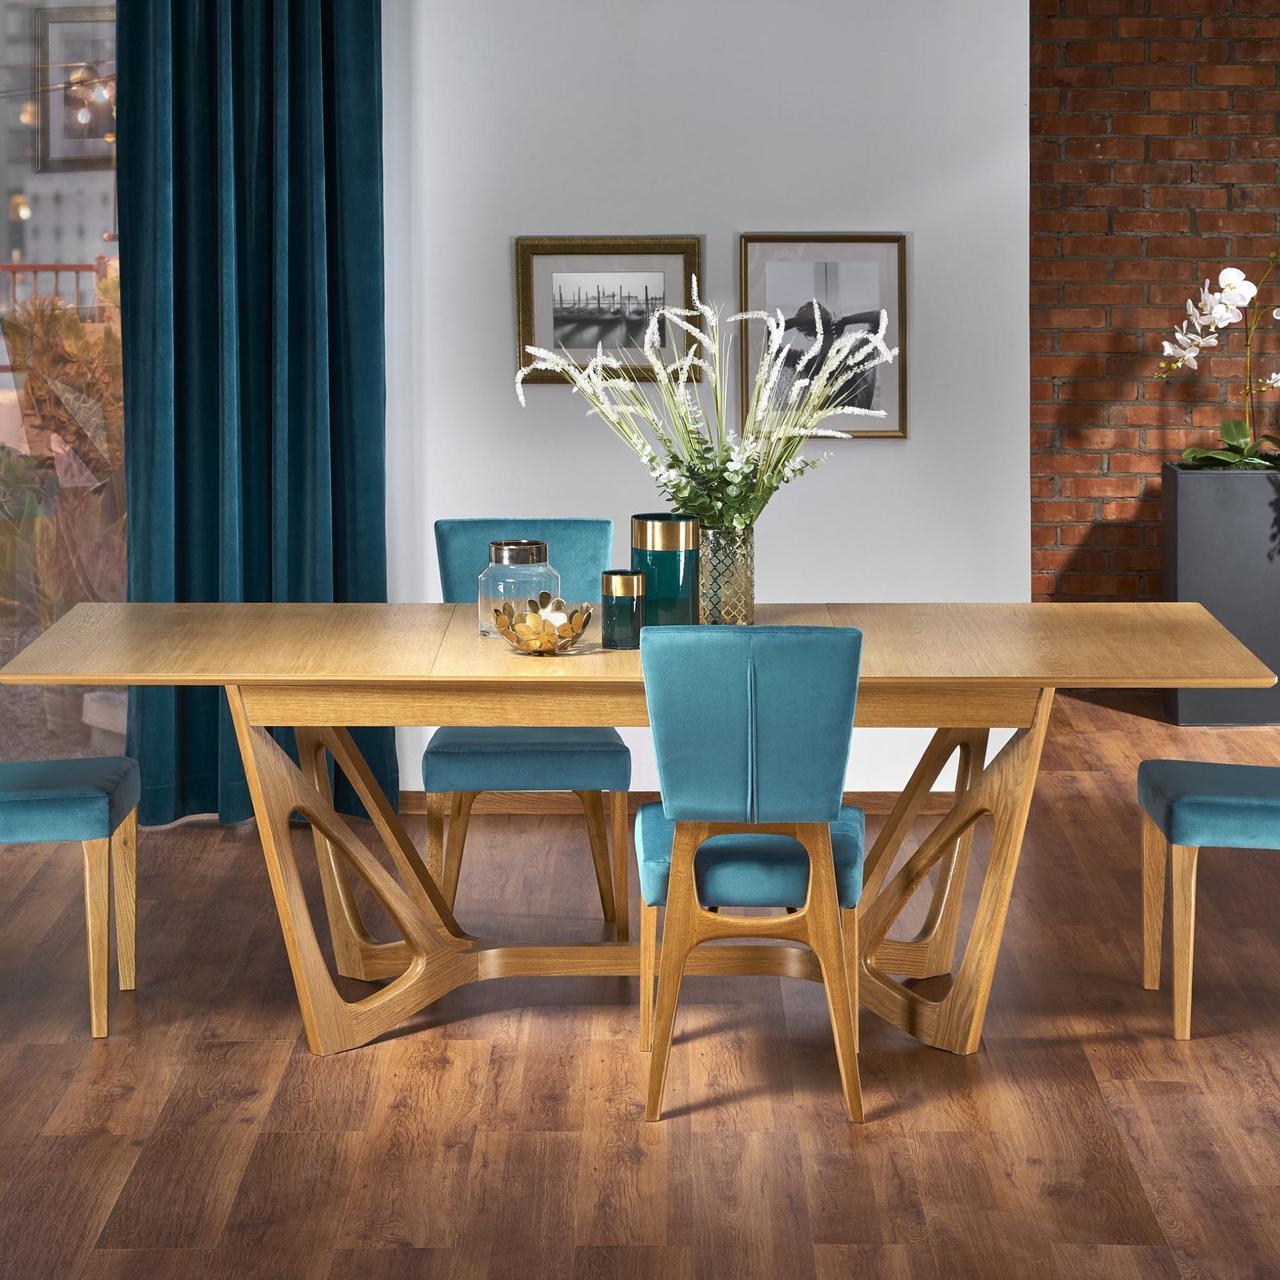 Стол обеденный раскладной деревянный WENANTY Halmar медовый дуб